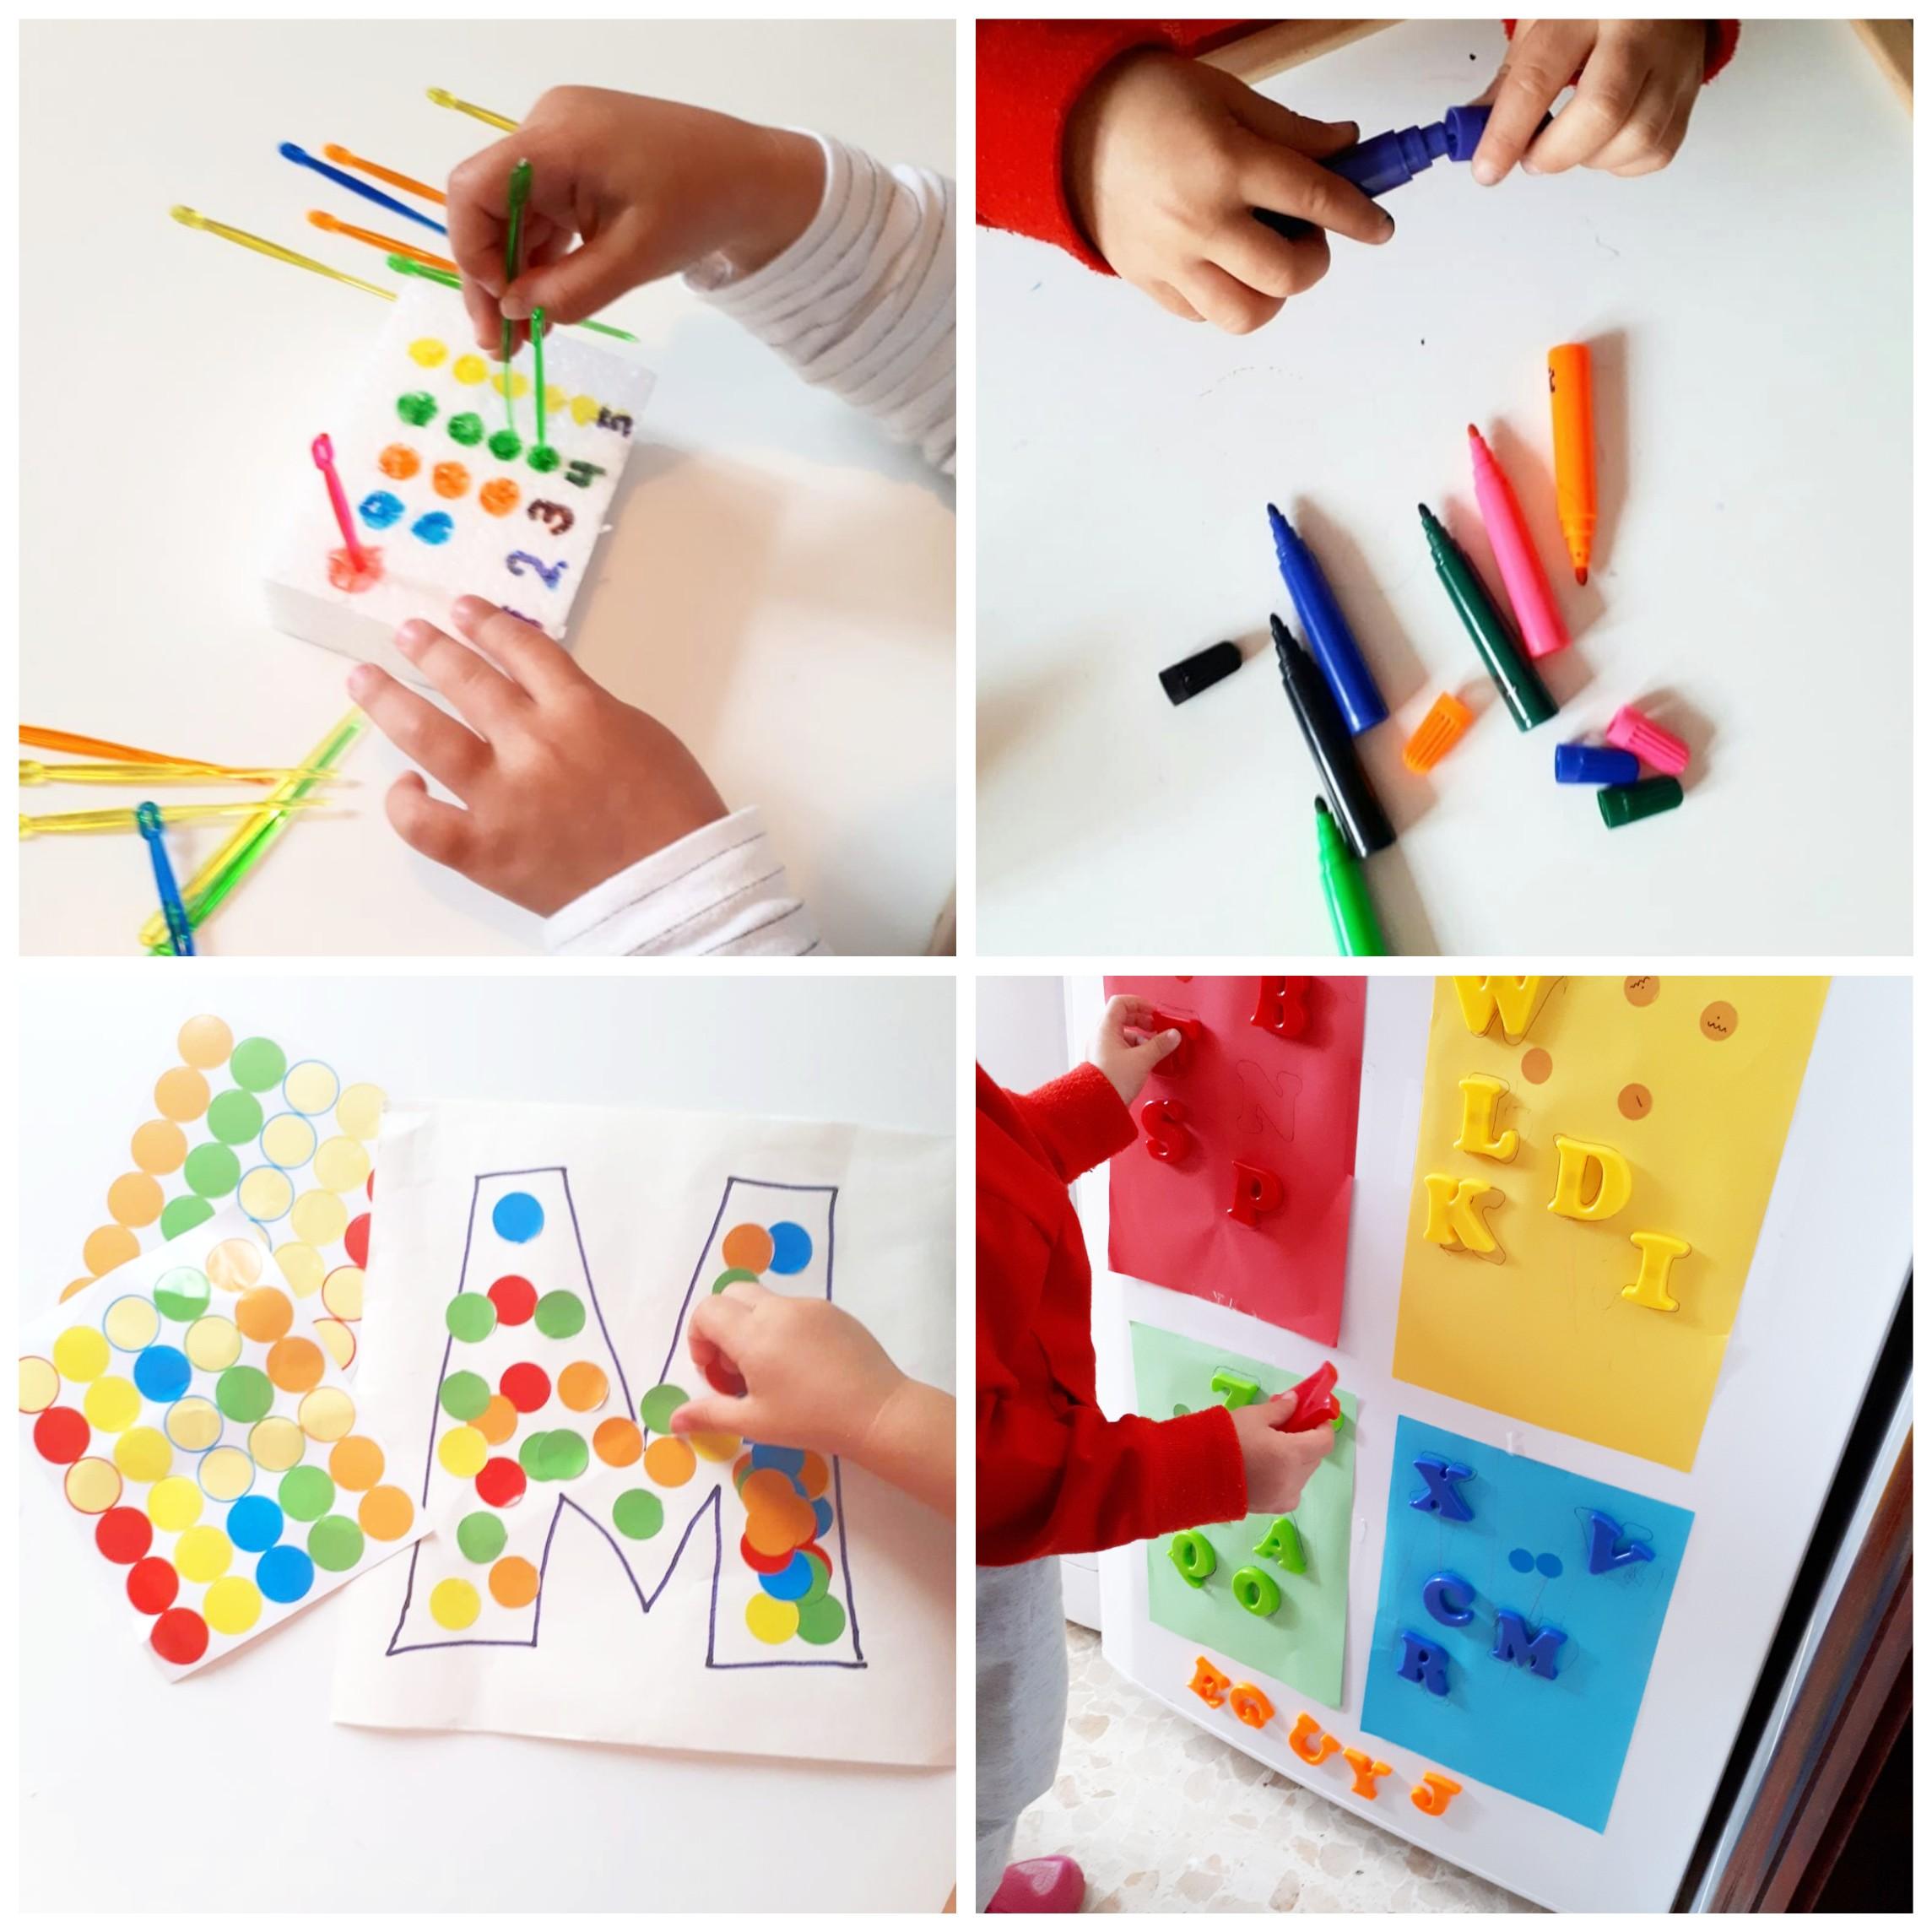 juegos de motricidad para niños